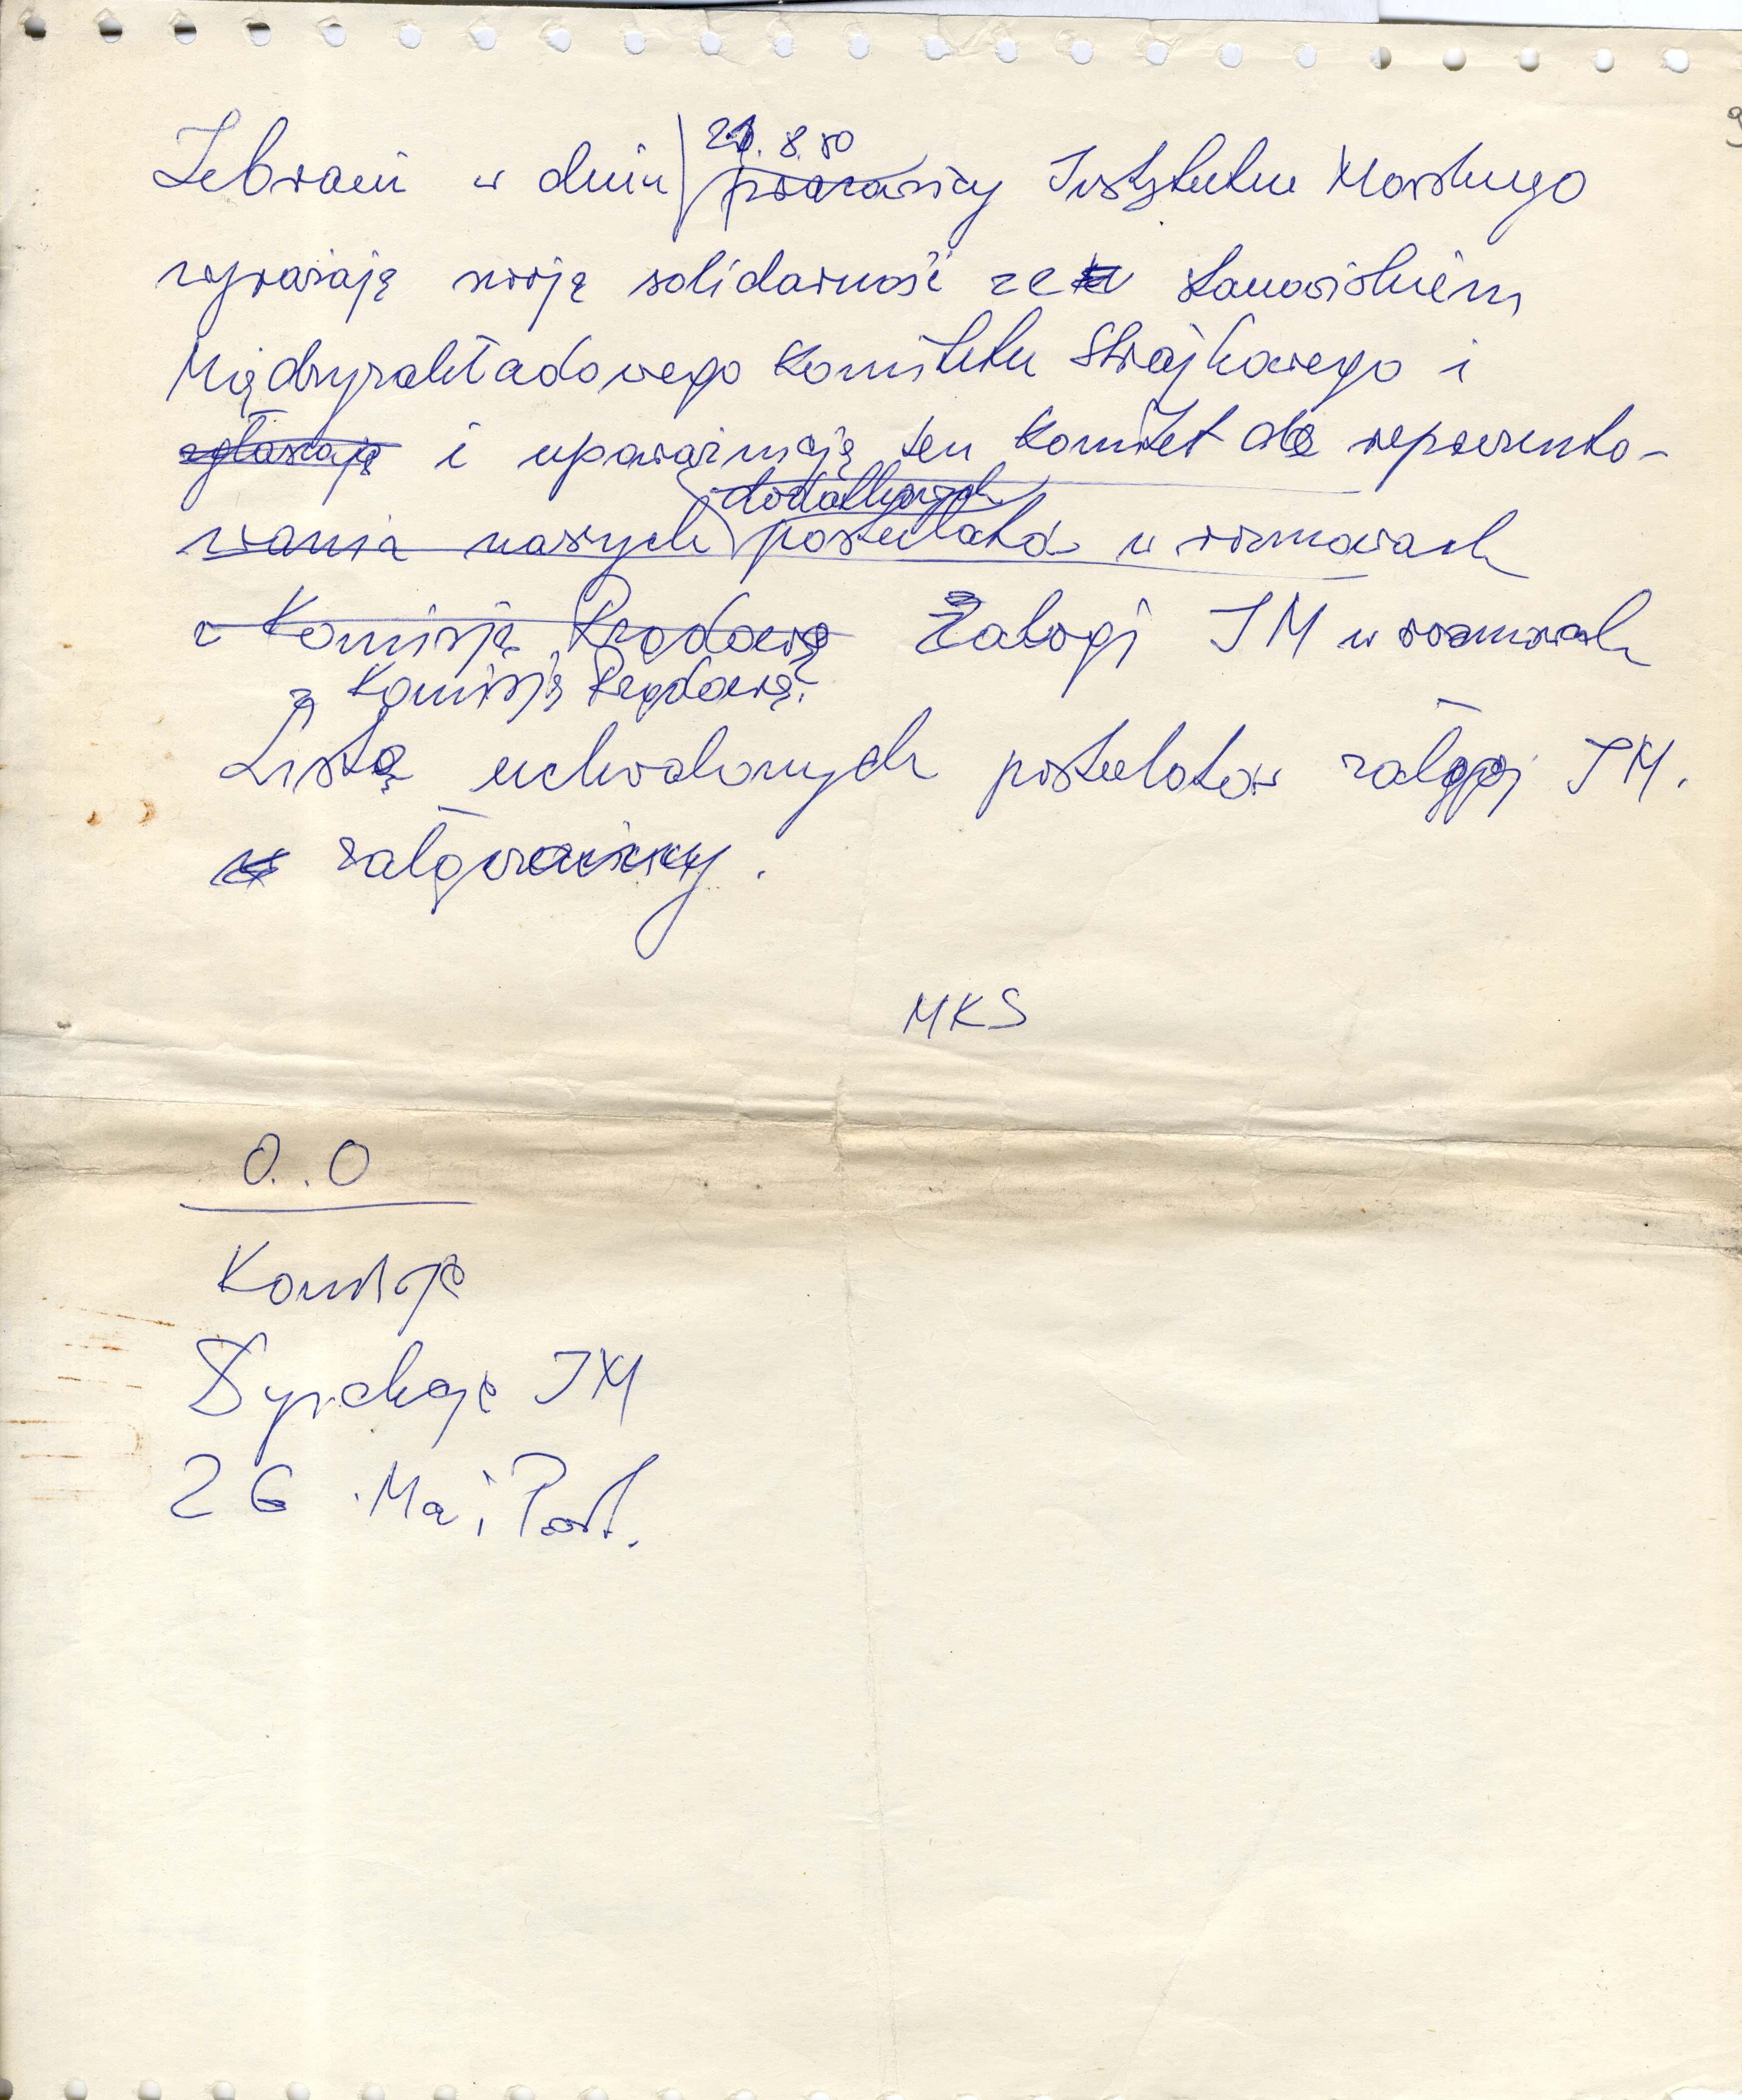 AKKS-347-49-1-009